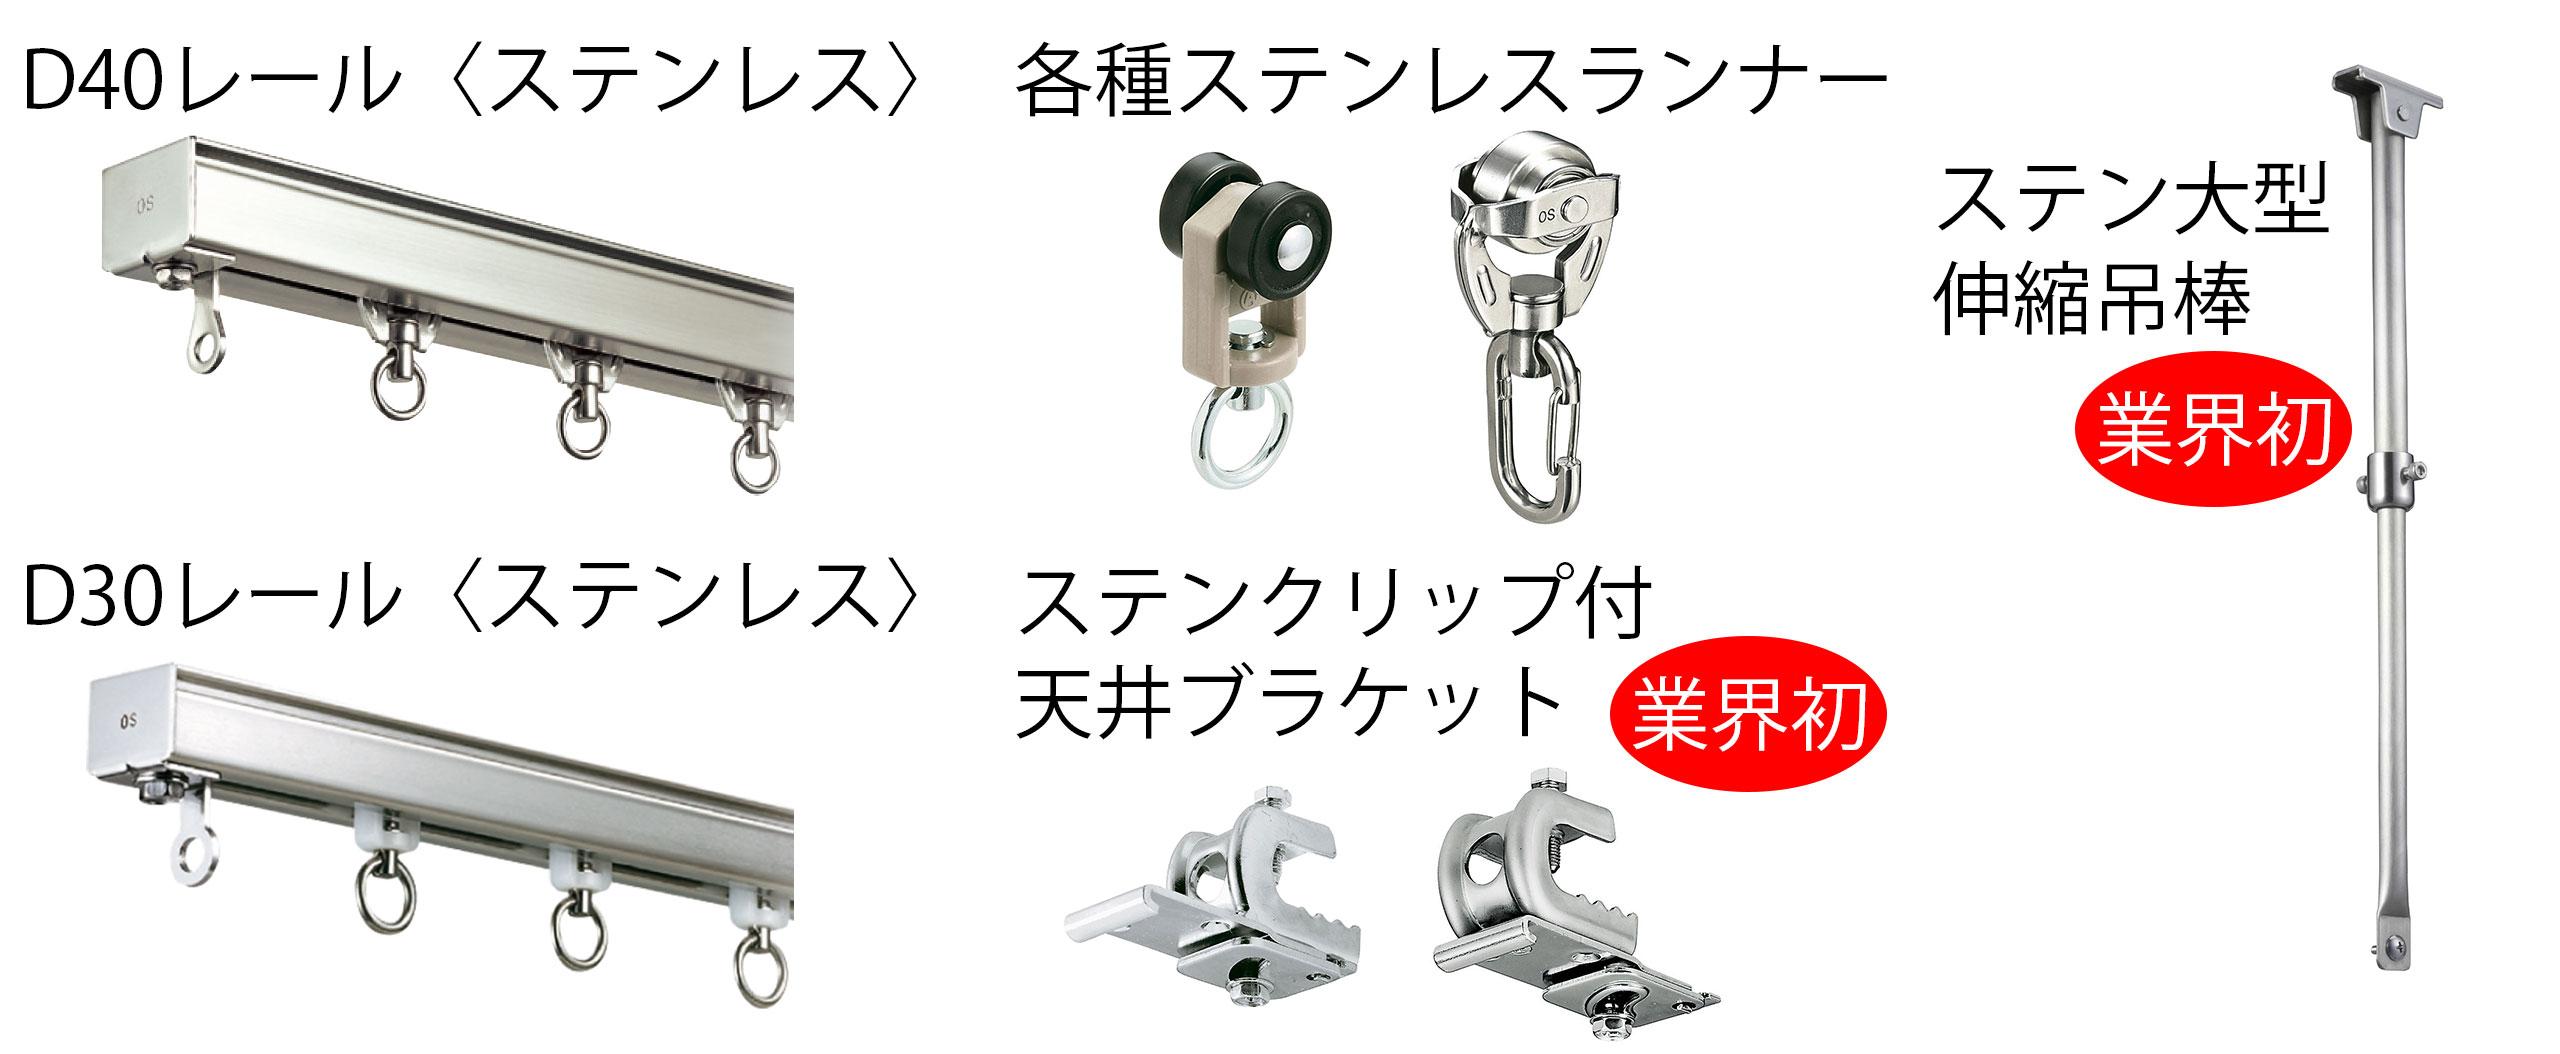 各種ステンレス製品 SUS304